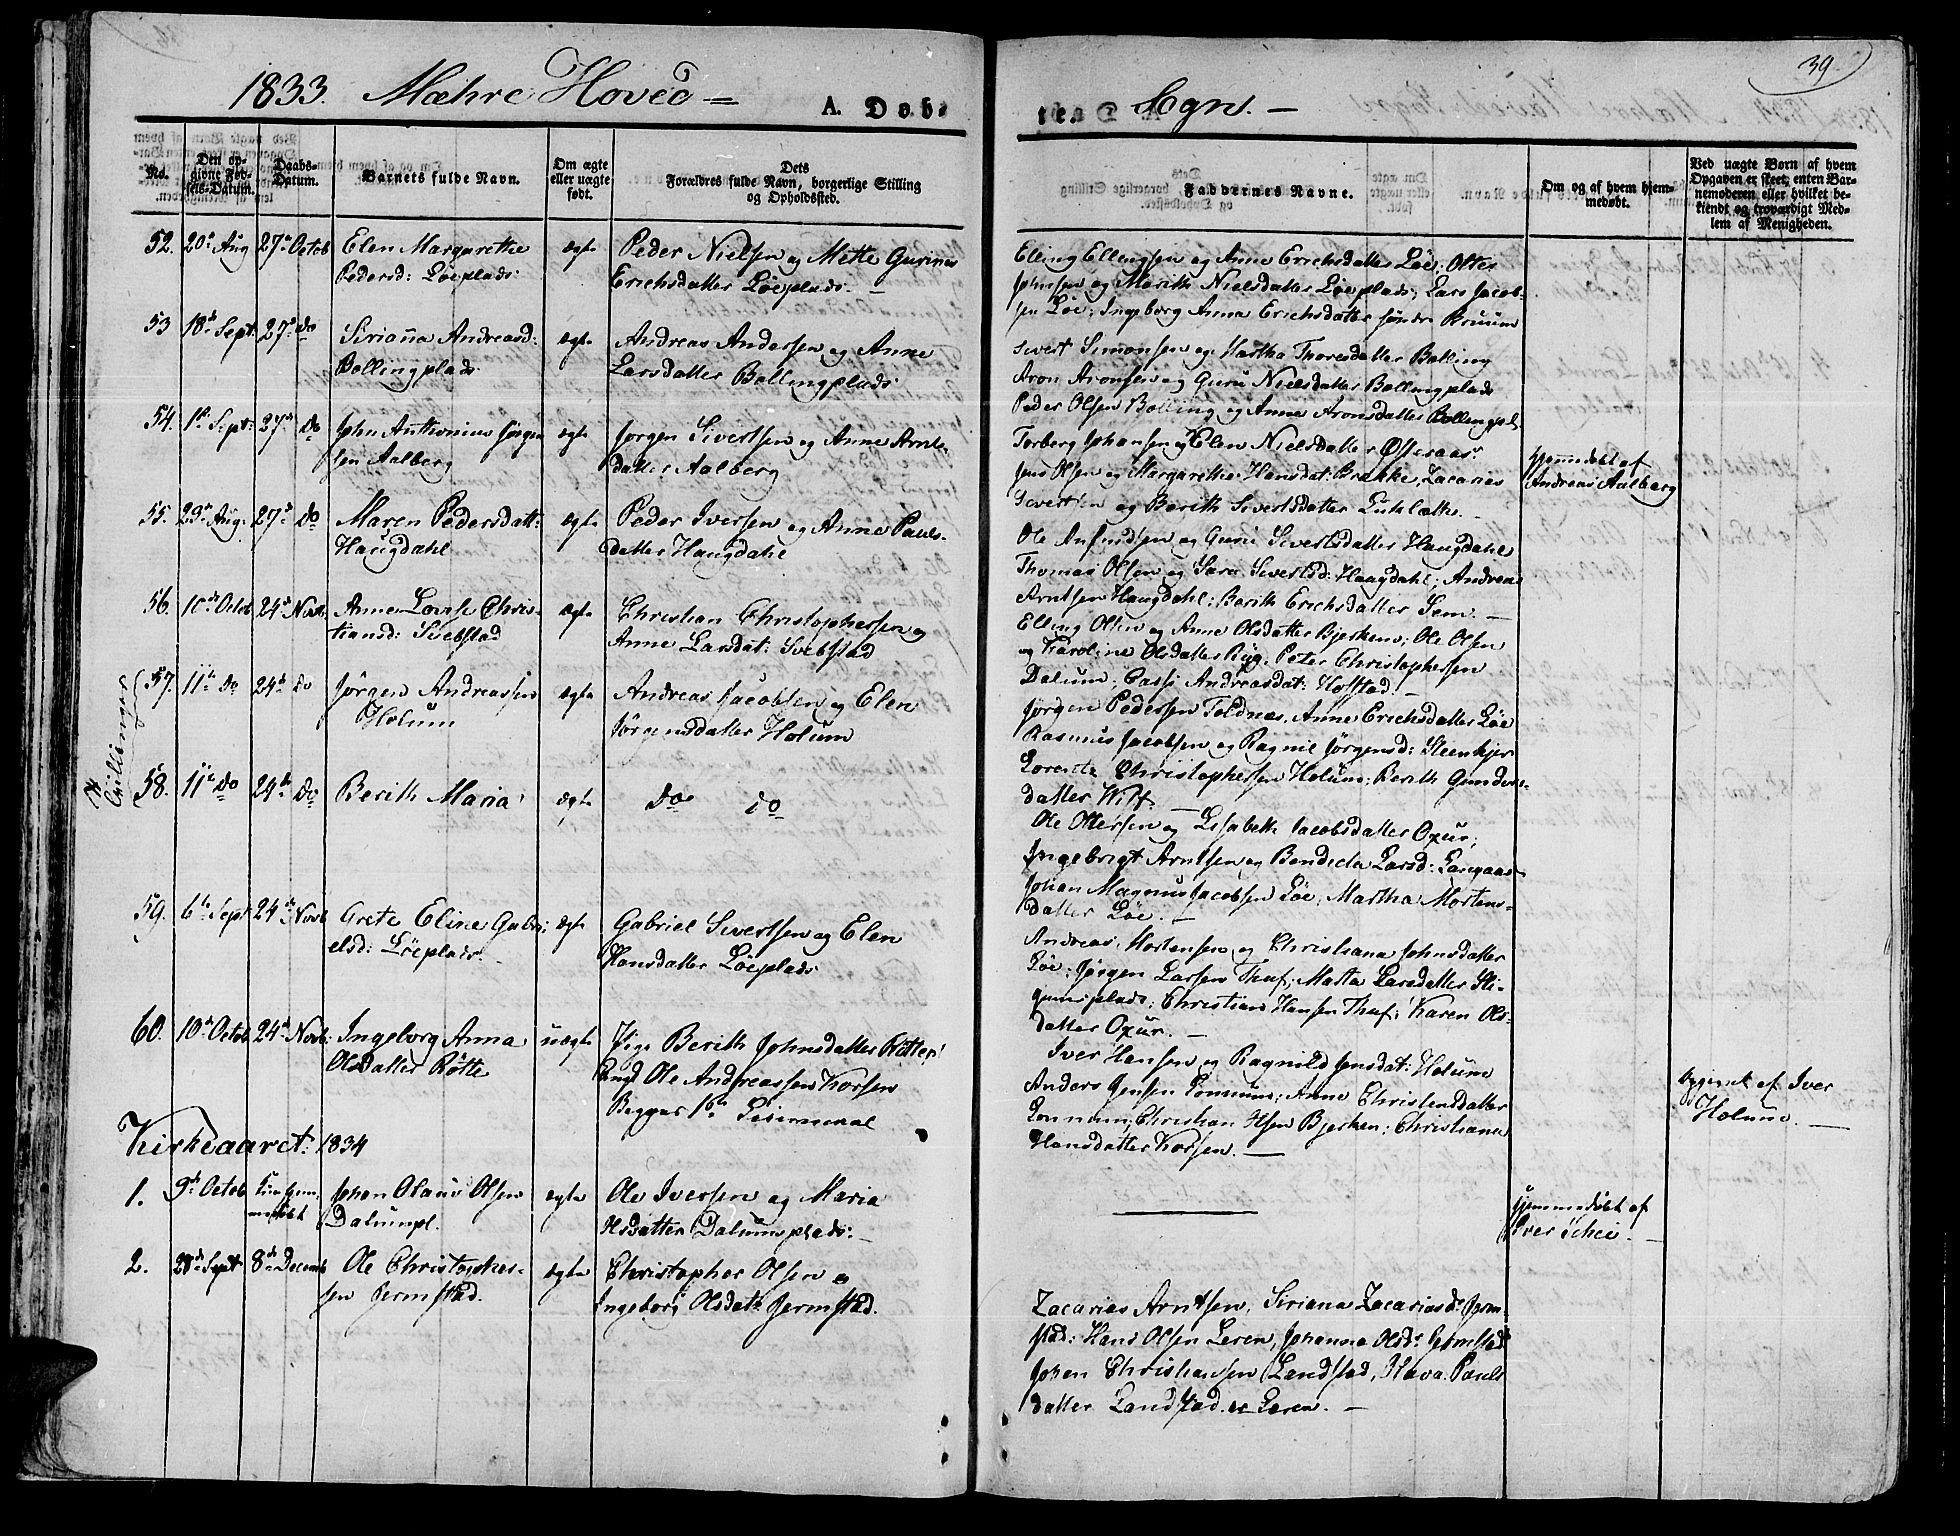 SAT, Ministerialprotokoller, klokkerbøker og fødselsregistre - Nord-Trøndelag, 735/L0336: Ministerialbok nr. 735A05 /1, 1825-1835, s. 39